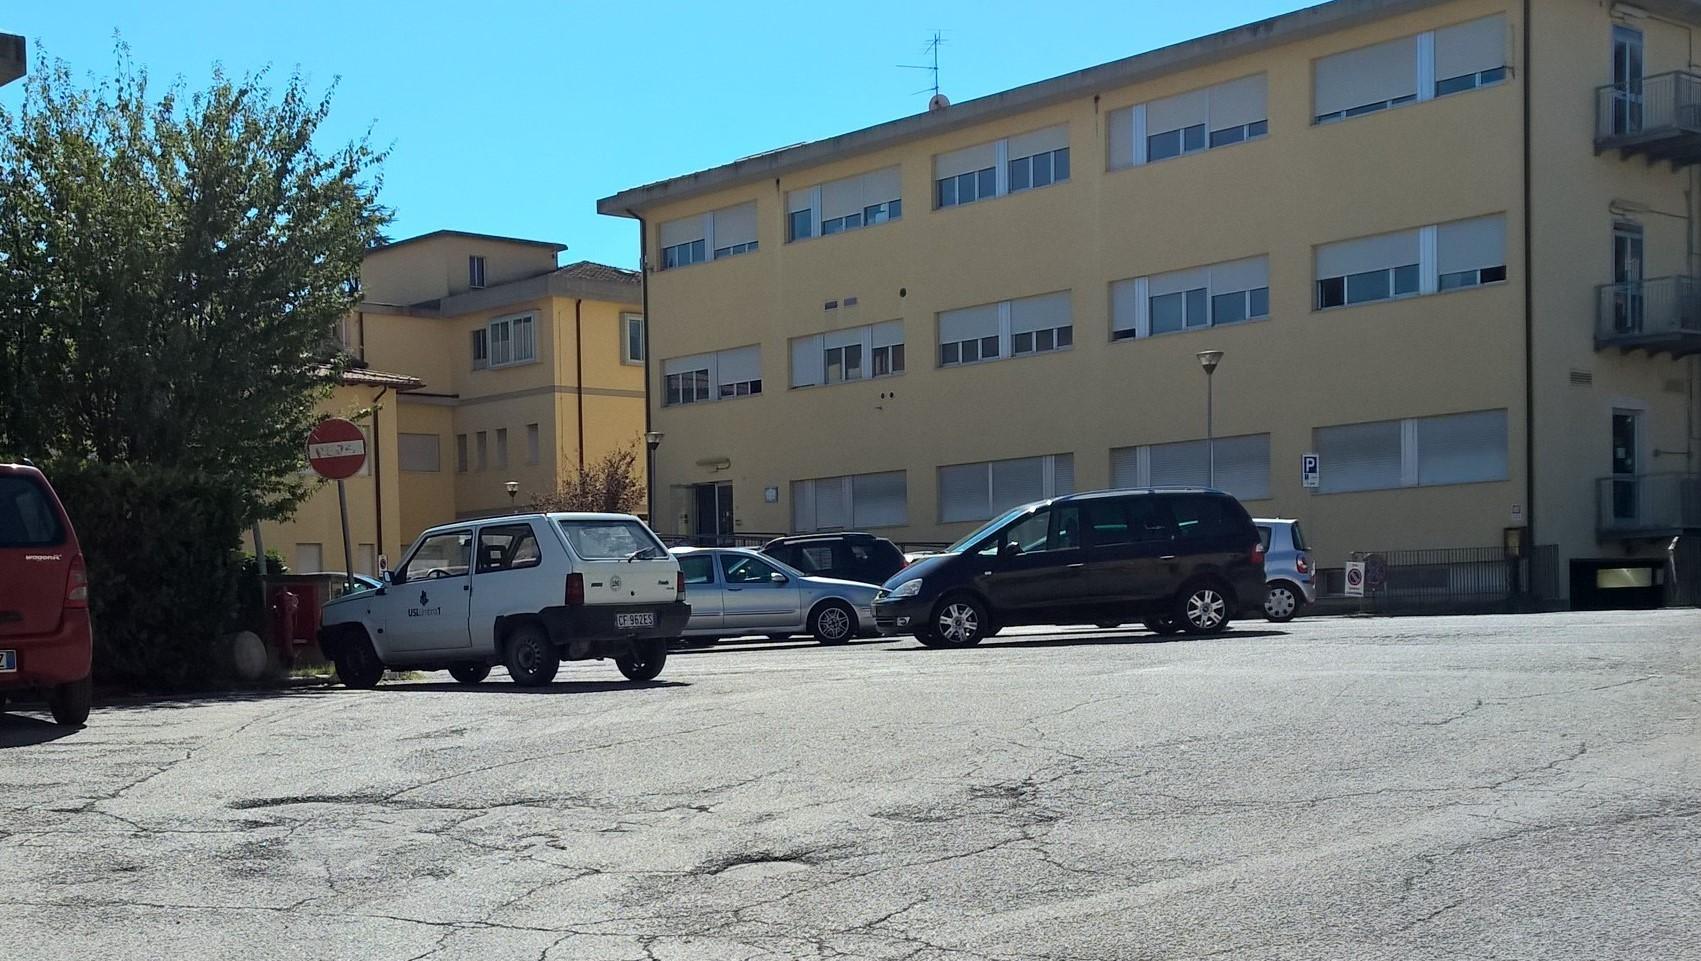 Parcheggio casa salute